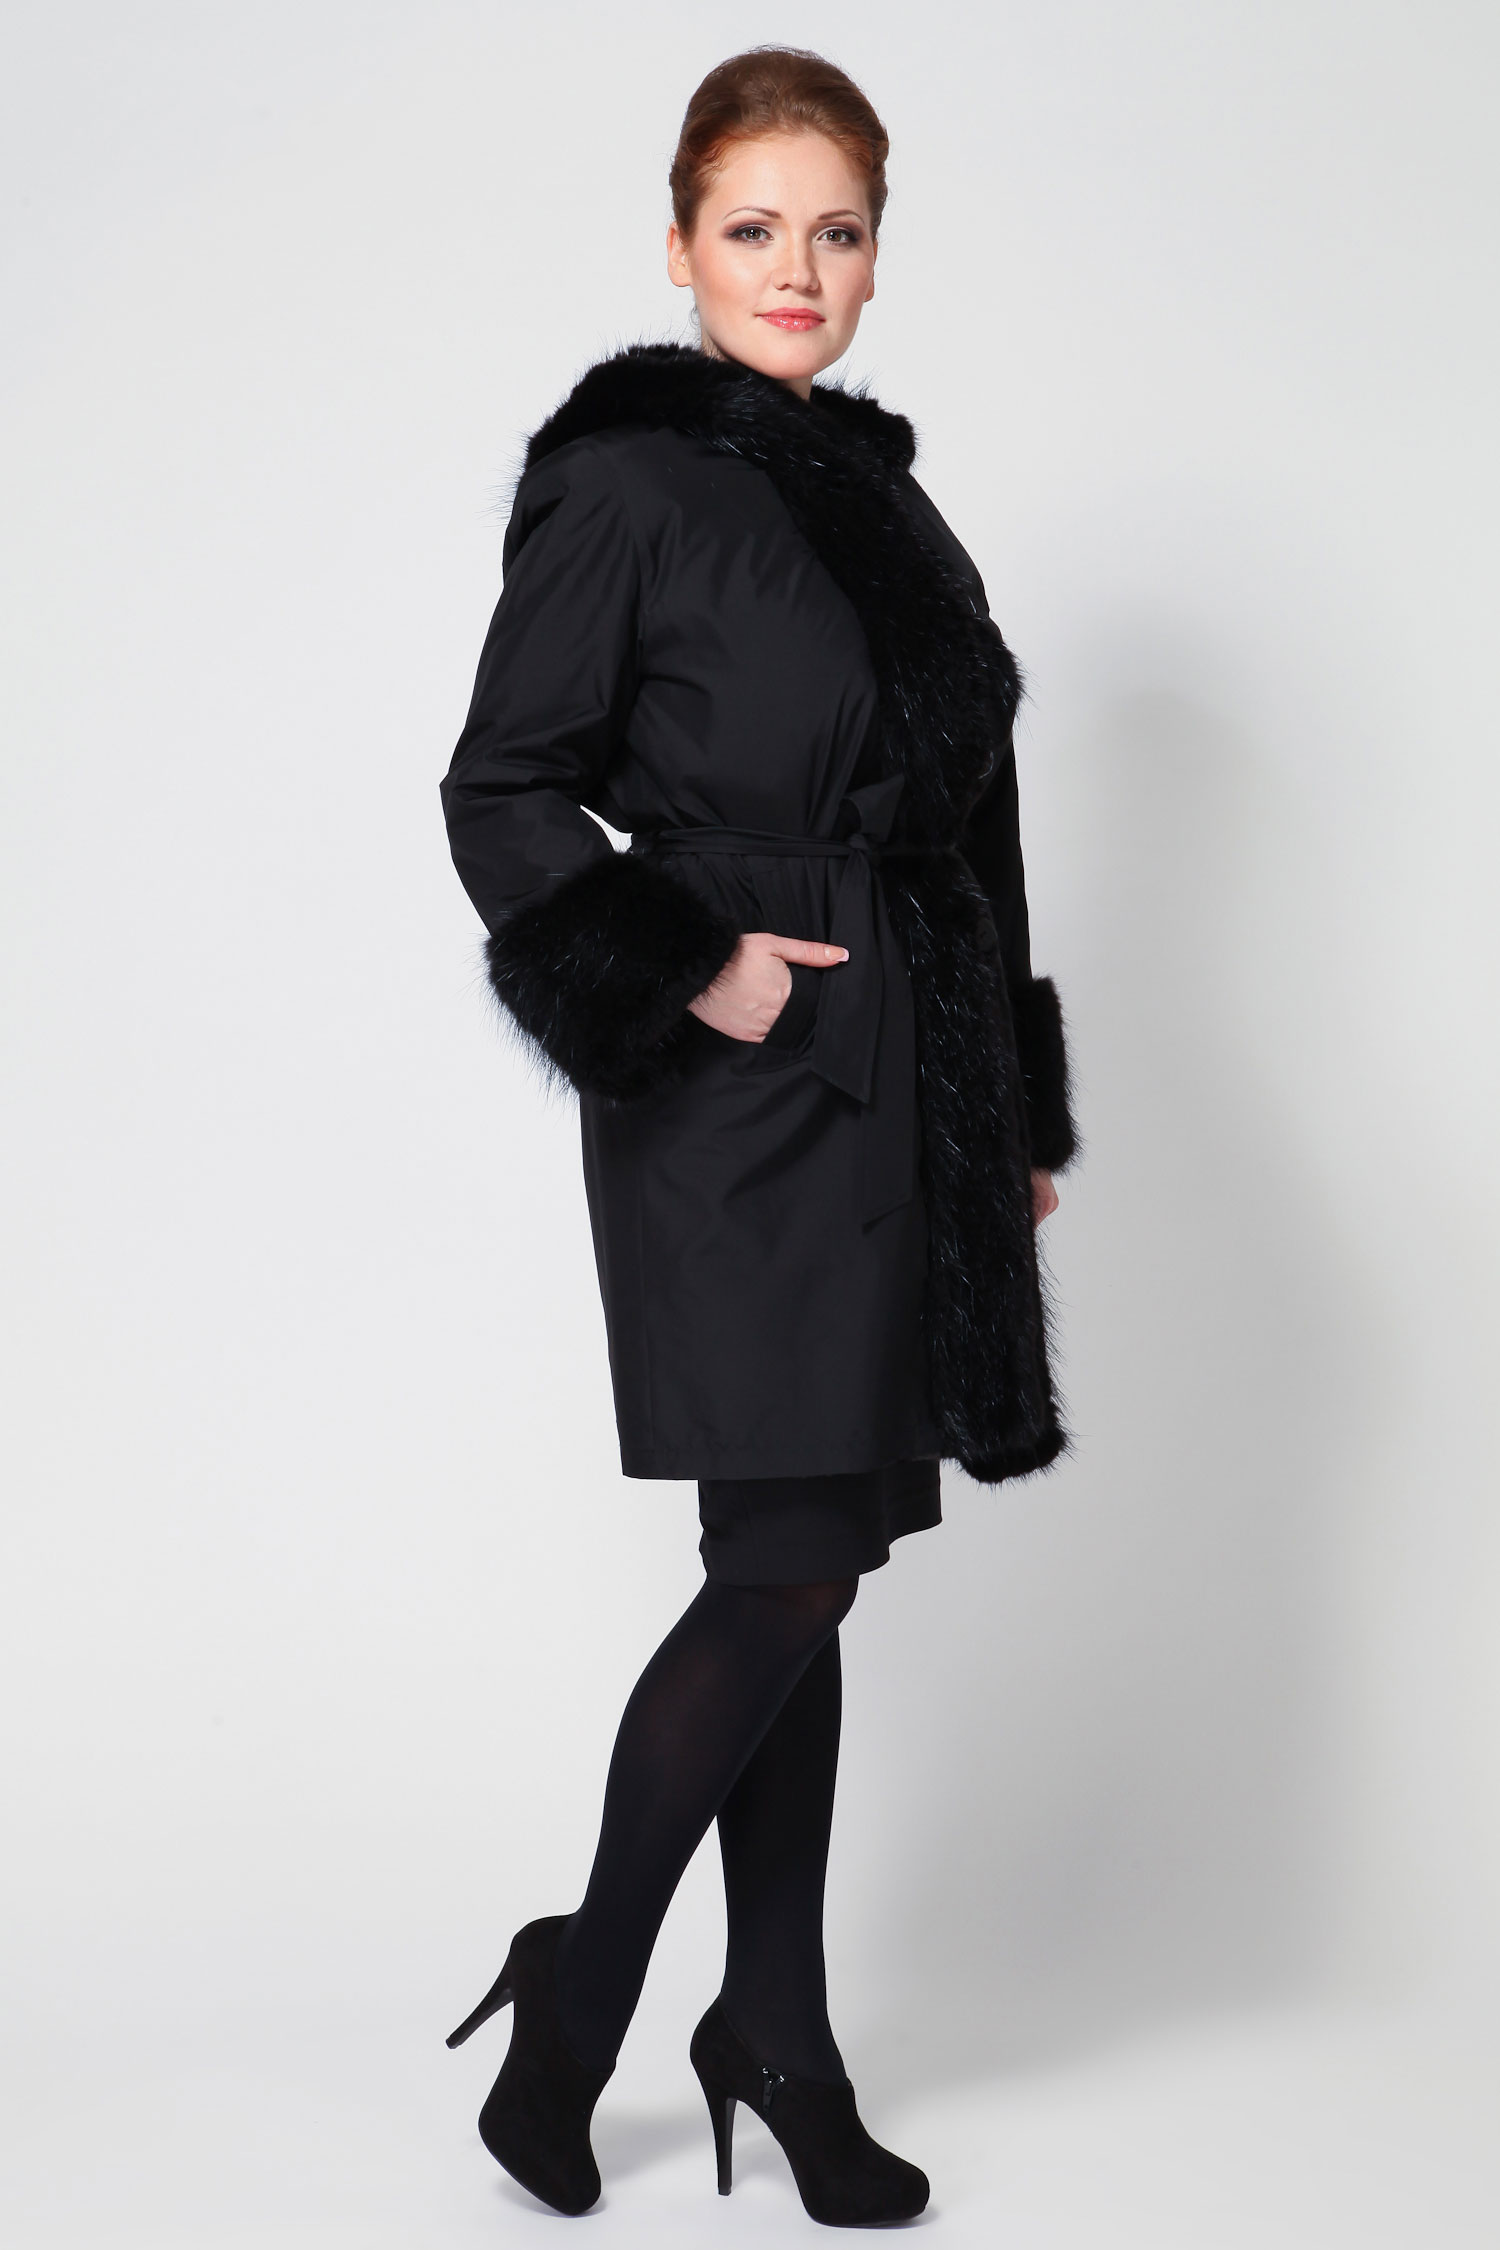 Пальто двустороннее с капюшоном, отделка бобр от Московская Меховая Компания